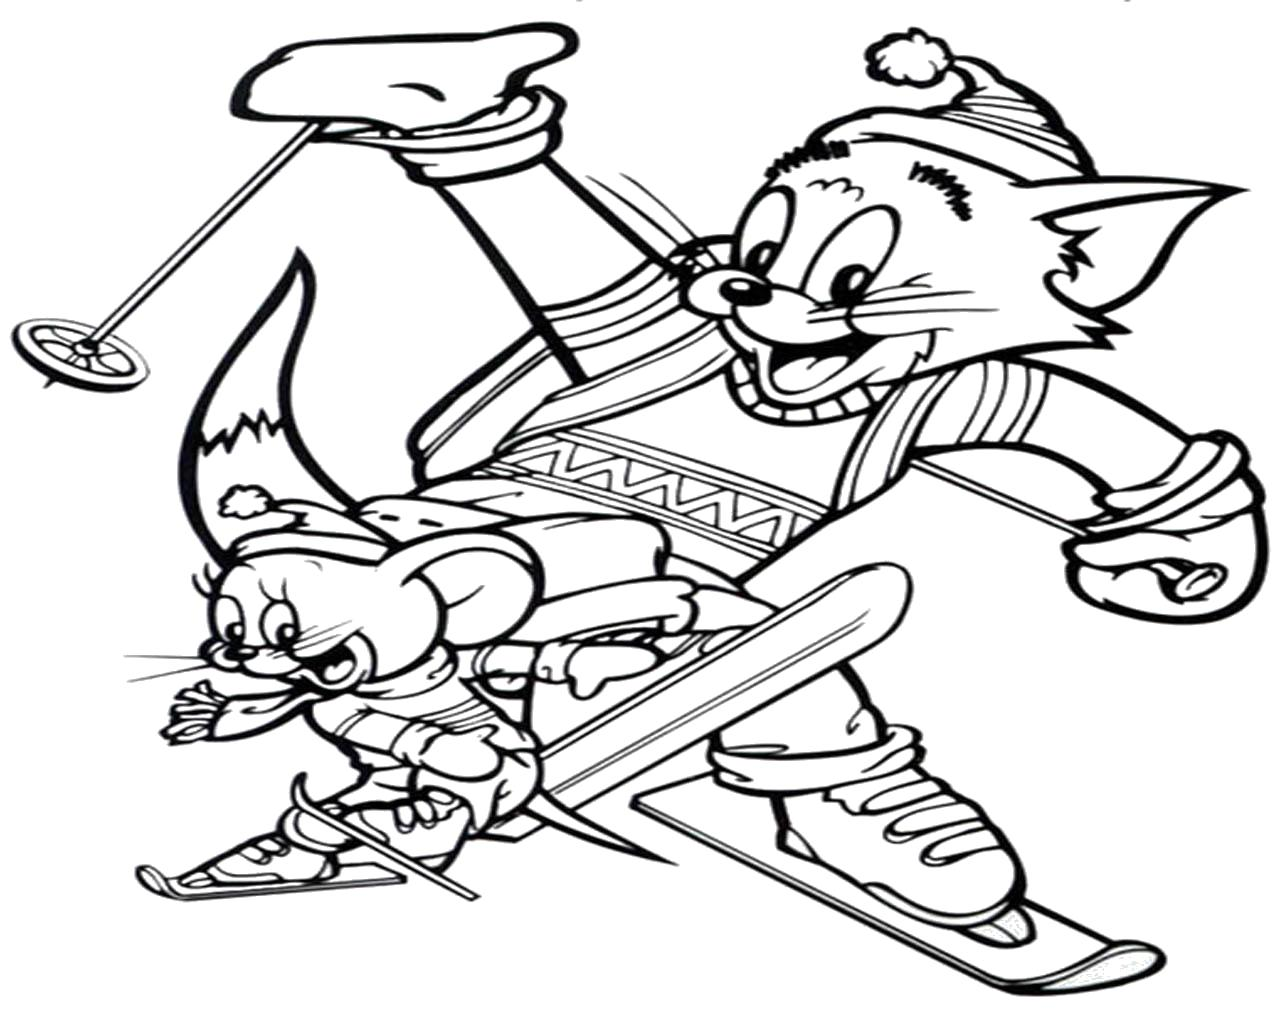 Раскраска Том и Джерри на лыжах. Скачать Том и Джерри.  Распечатать Раскраски из мультфильмов